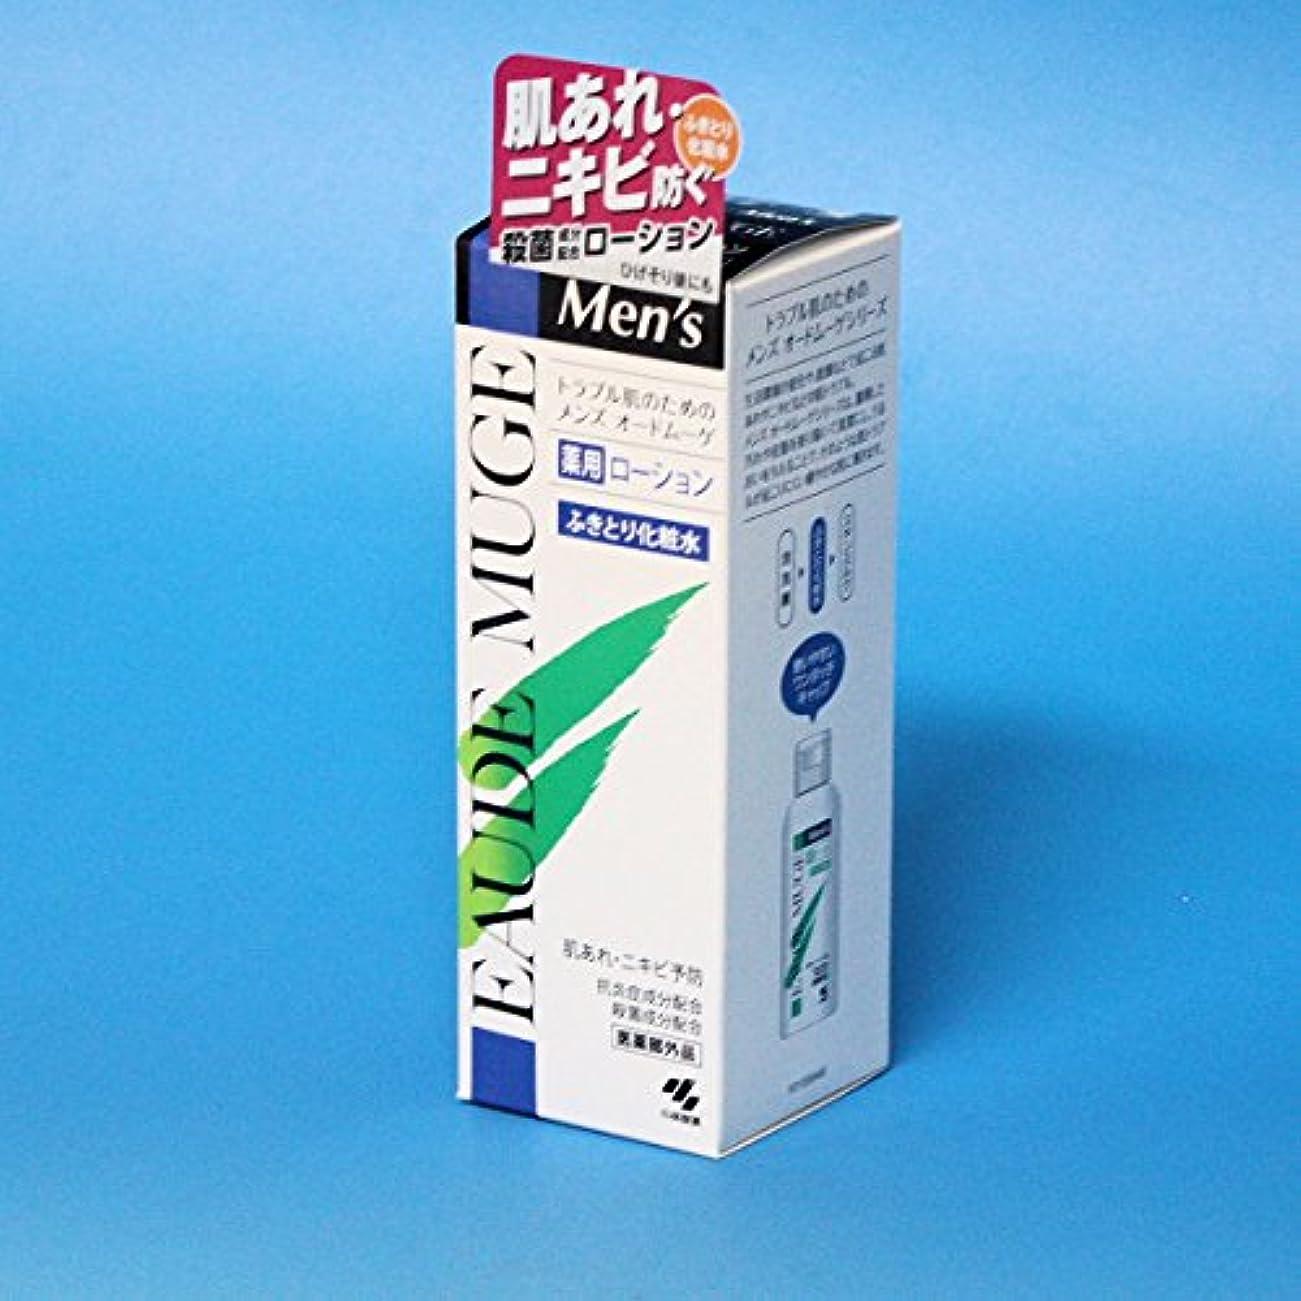 申し込むスポンジ翻訳者メンズ オードムーゲ薬用ローション ふき取り化粧水 160ml